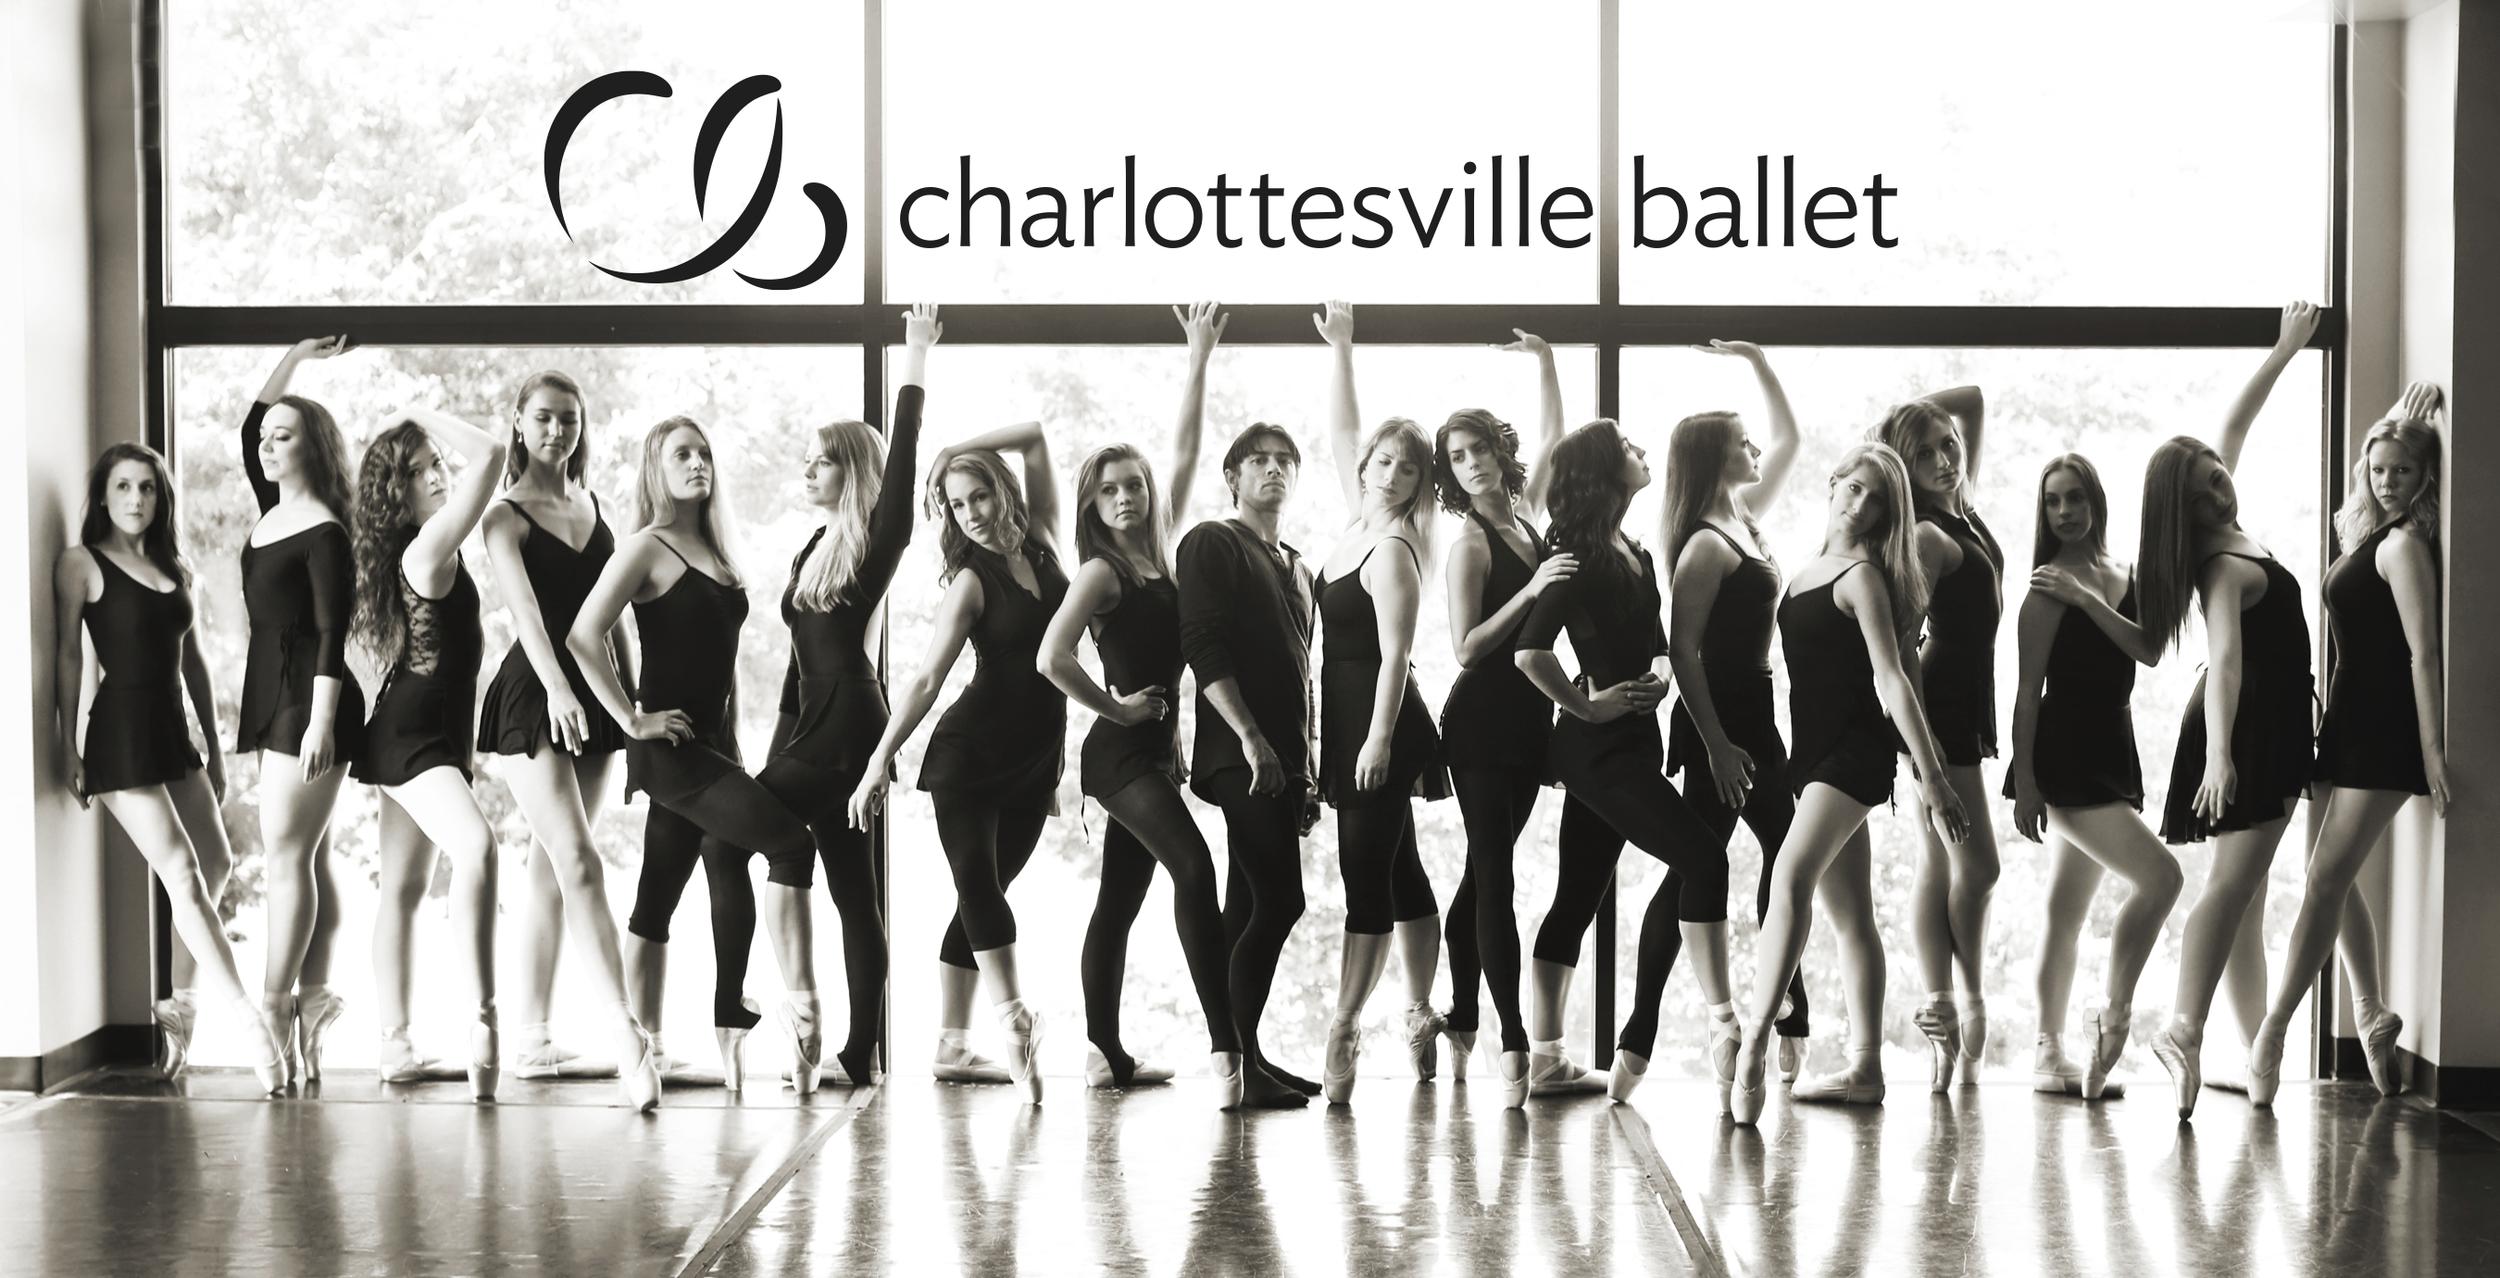 CHarlottesville ballet.jpg